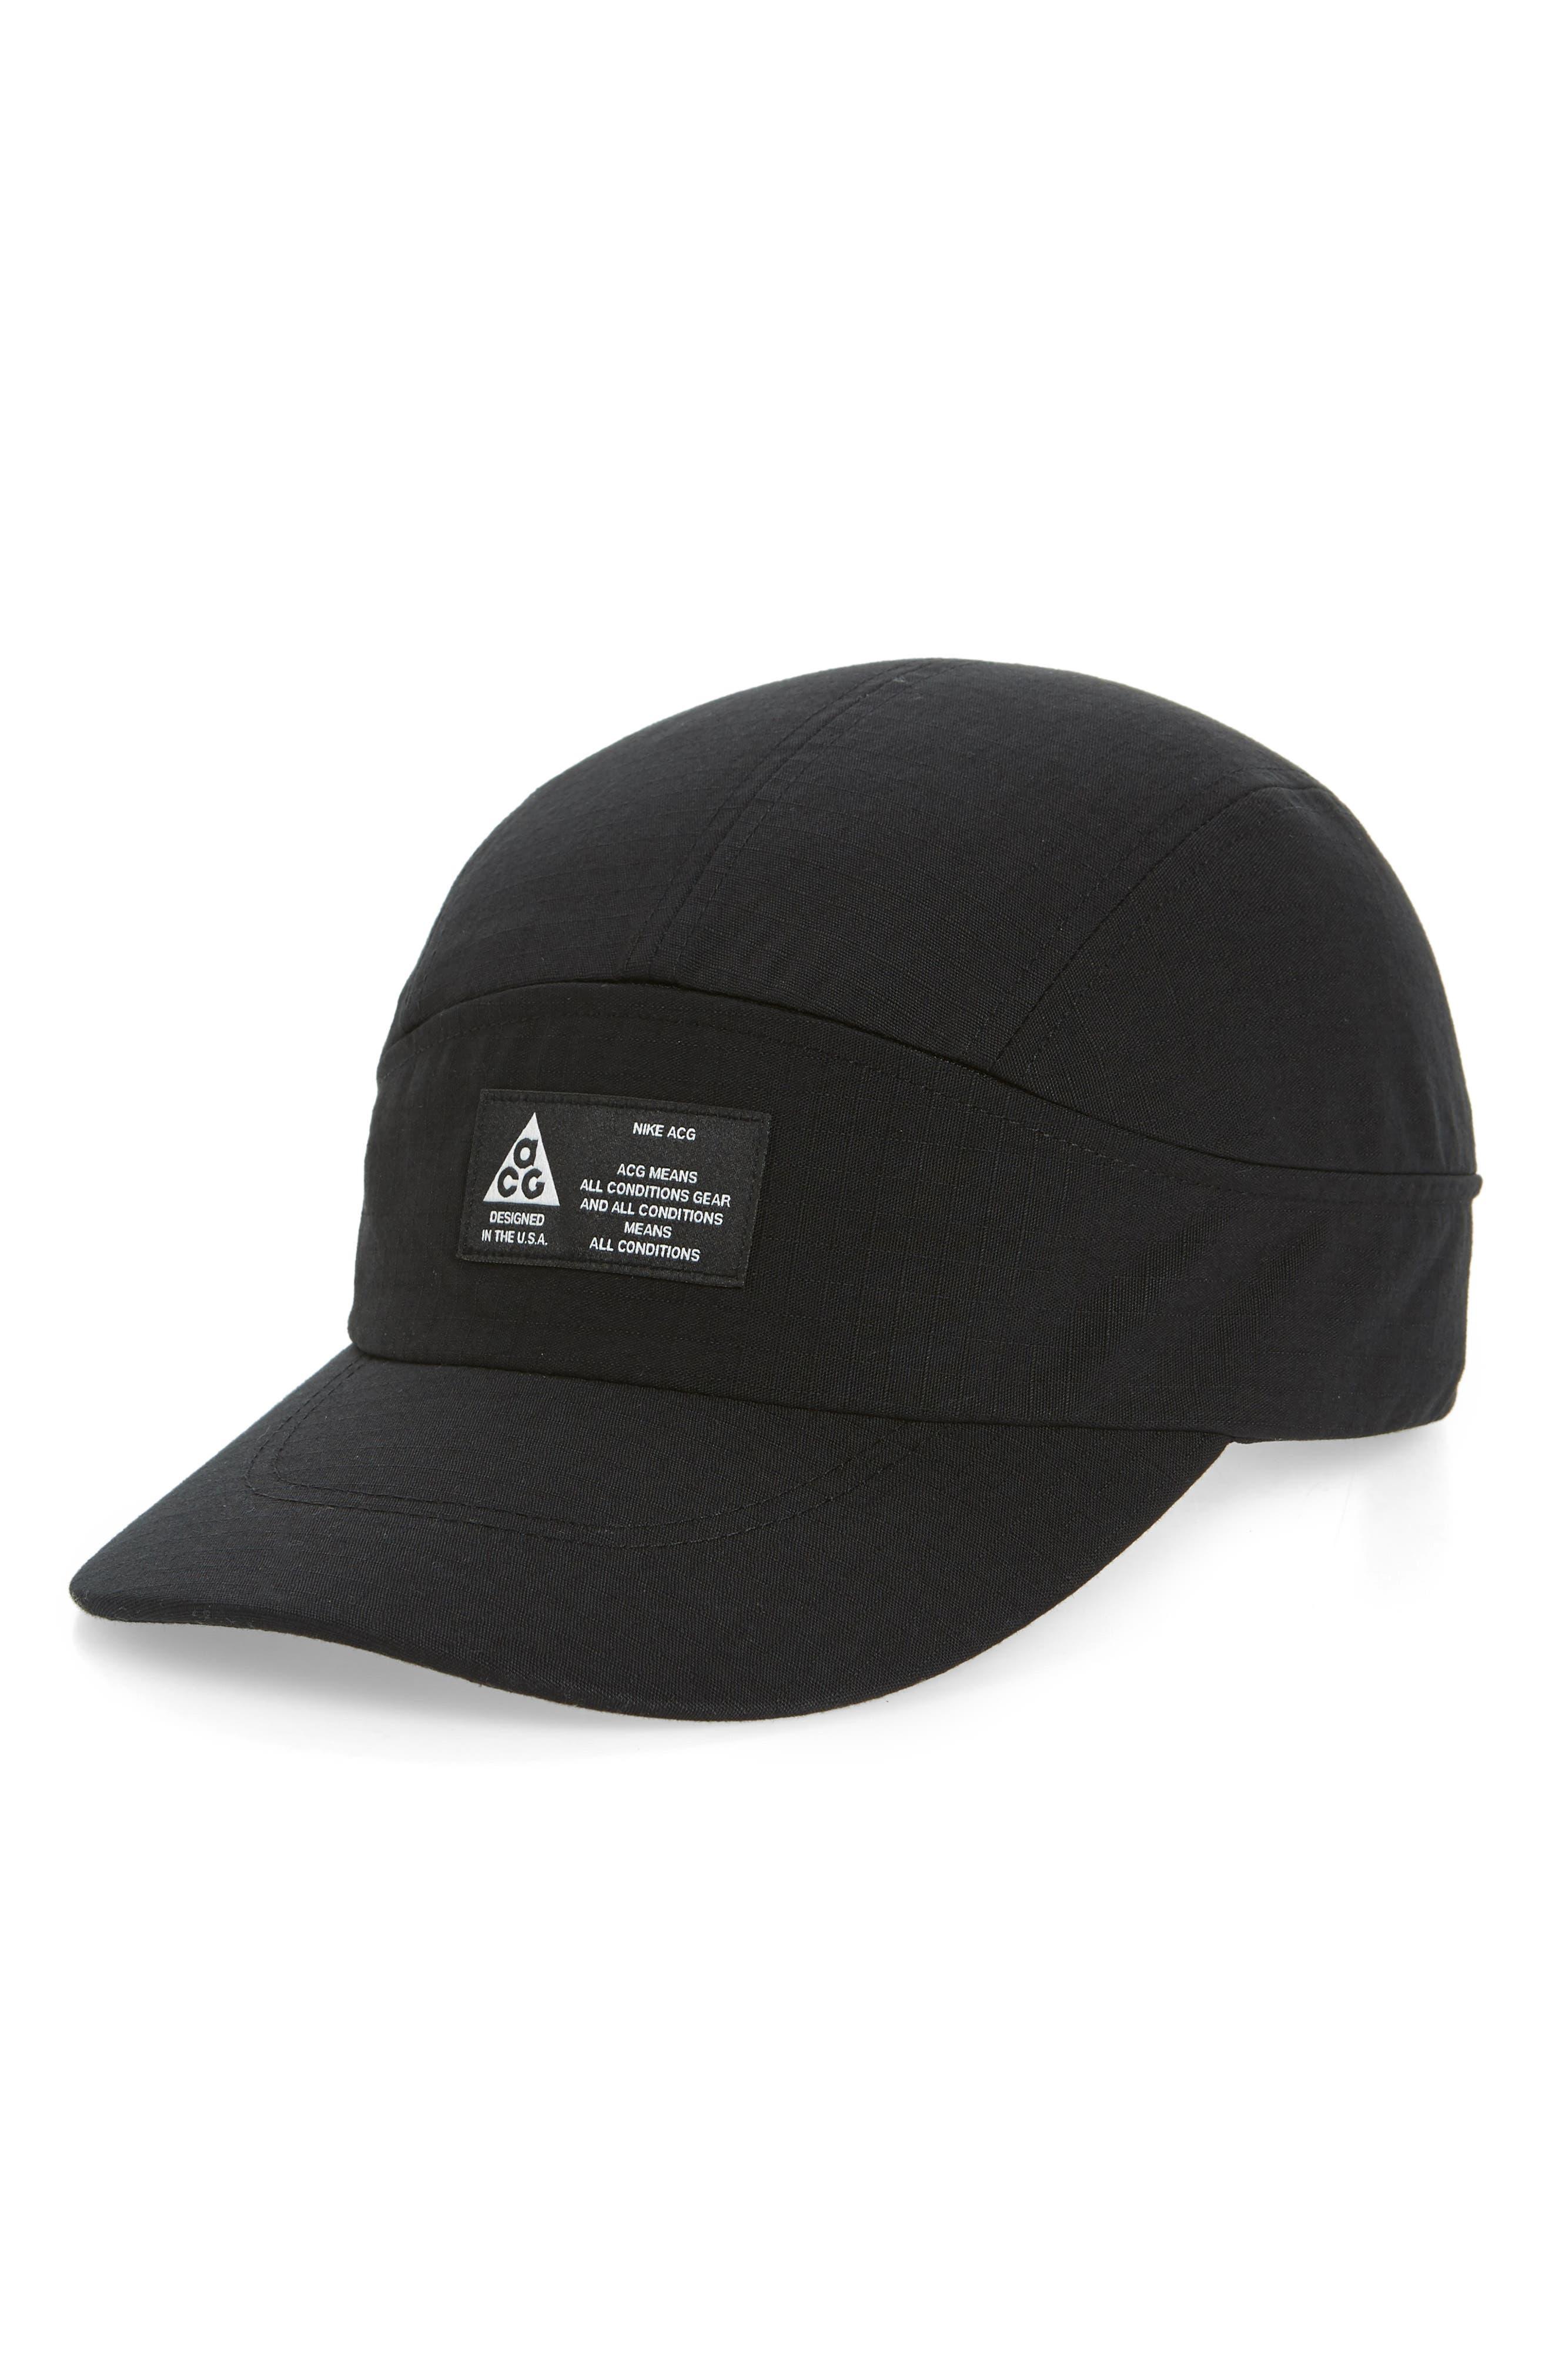 f06e61a12e1 Men s Nike Hats